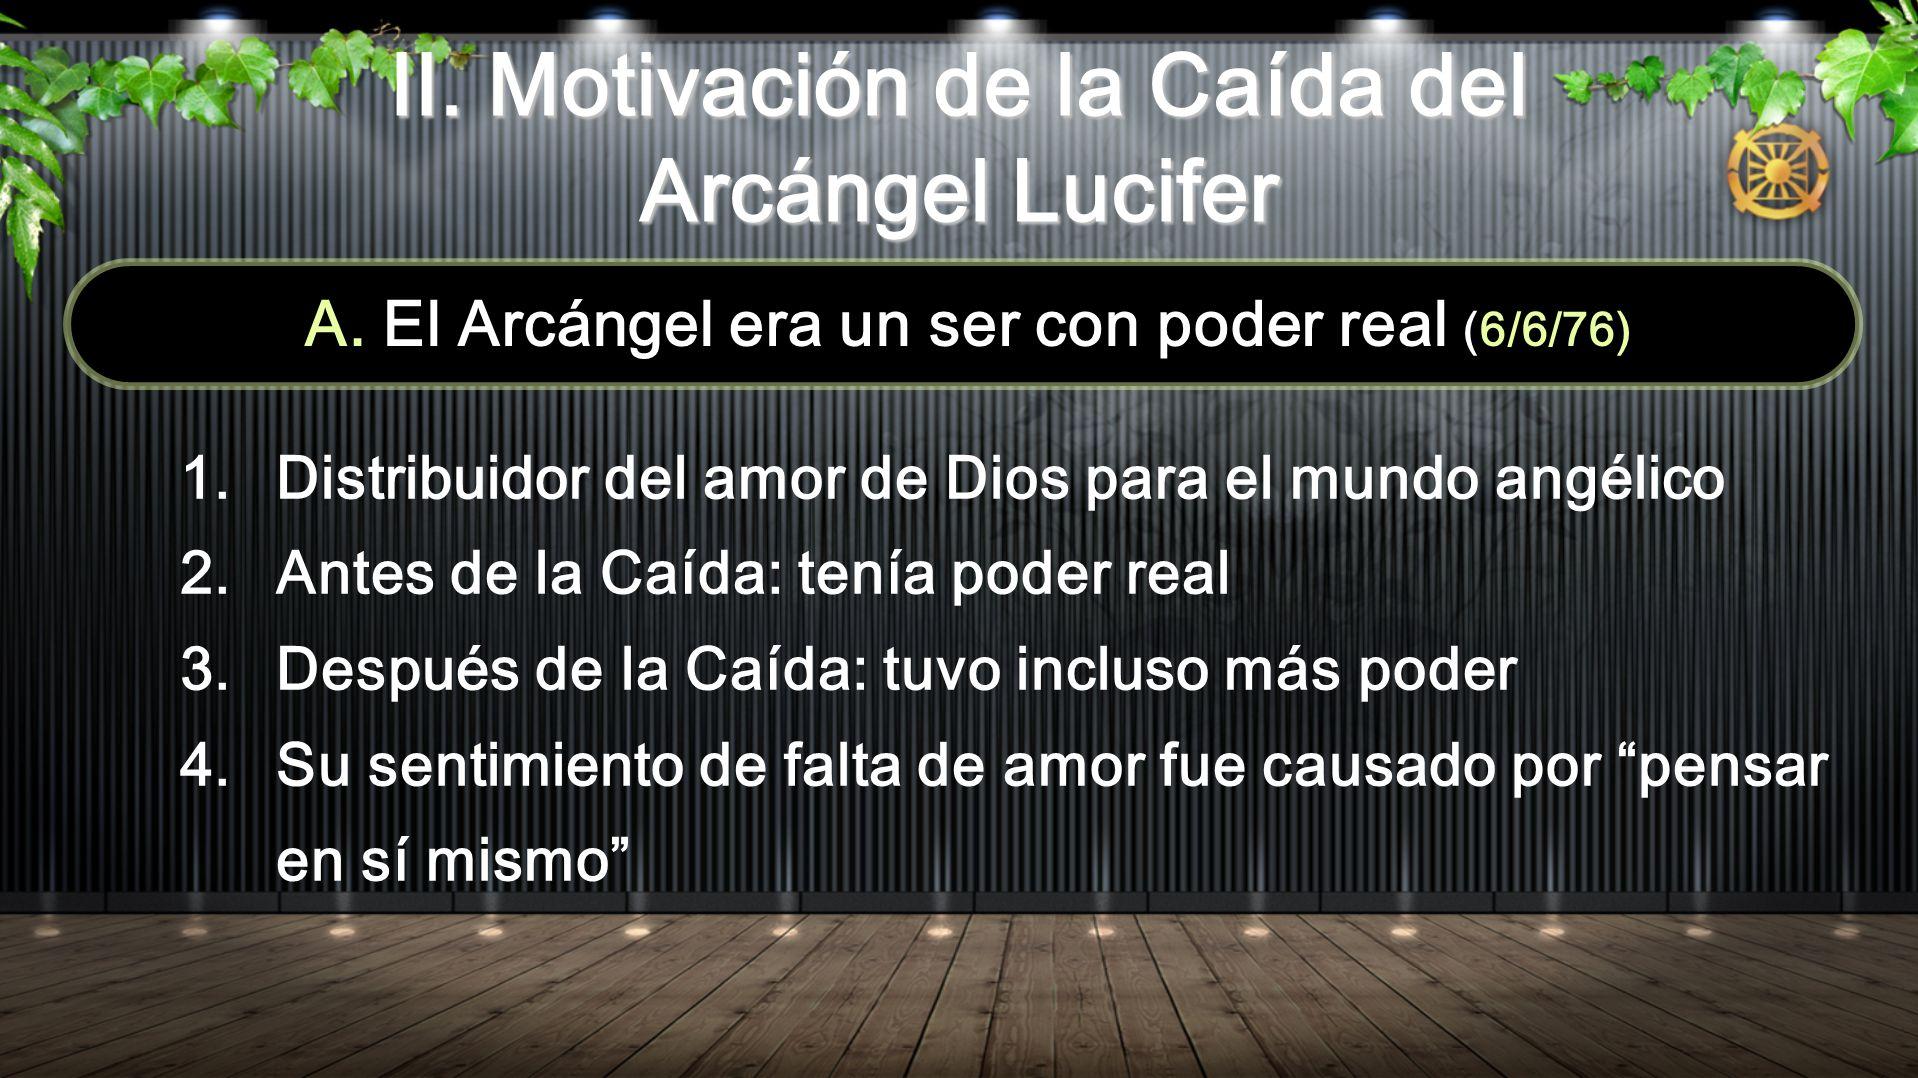 II. Motivación de la Caída del Arcángel Lucifer